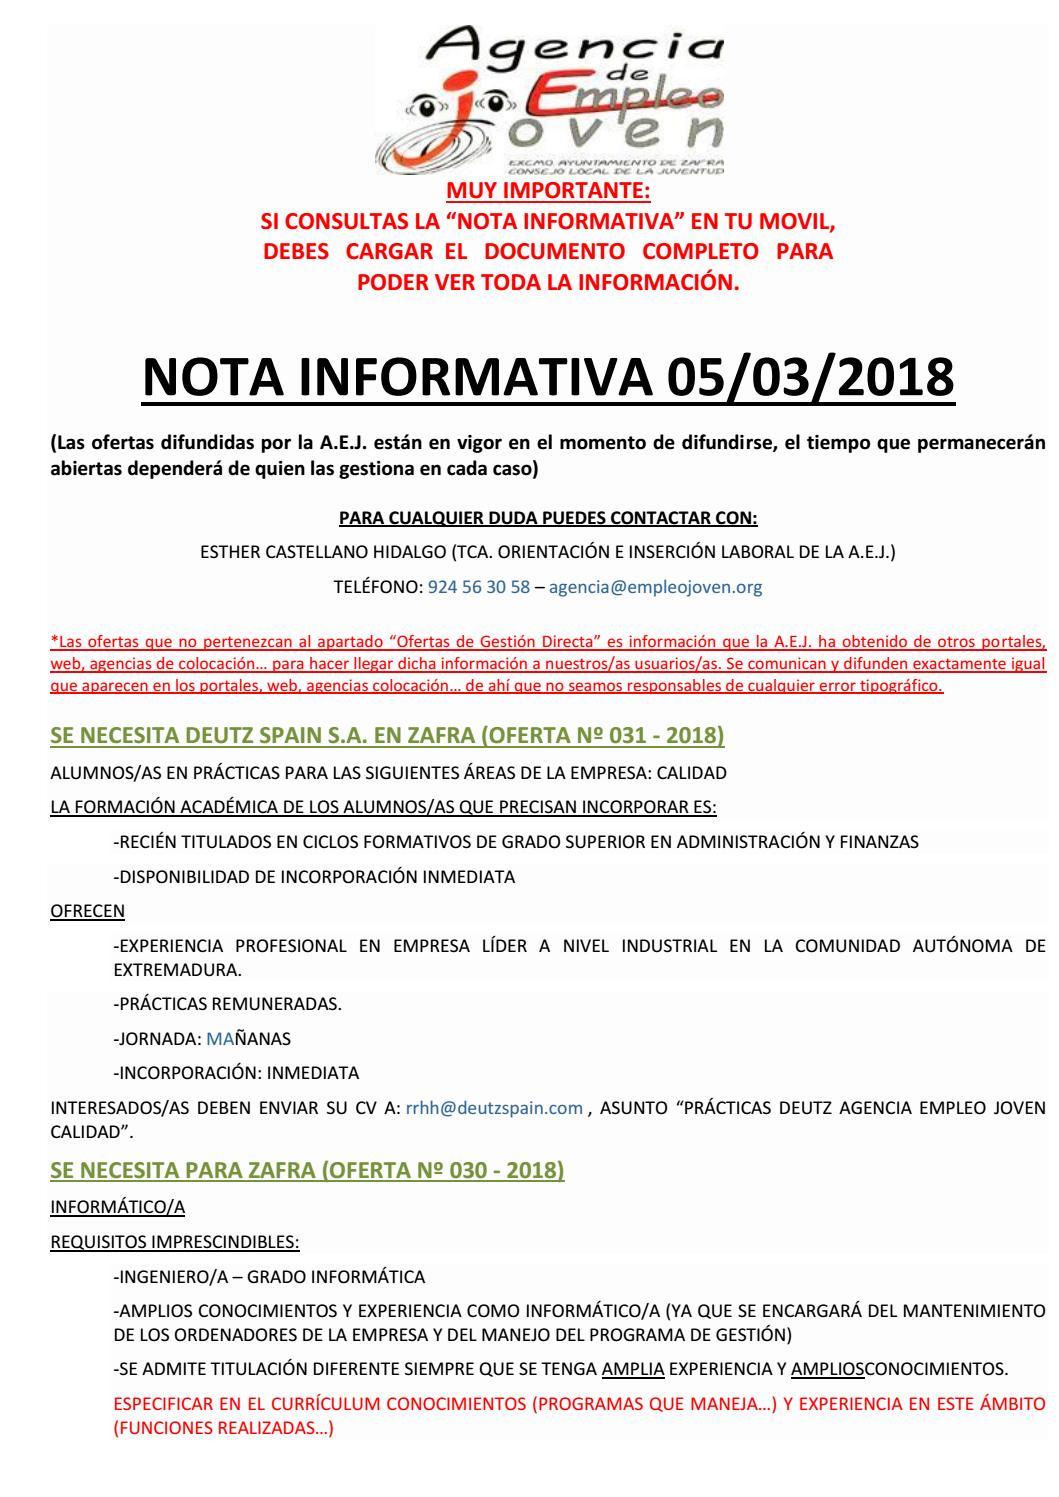 Nota informativa 05/03/18 by Segura De León - issuu